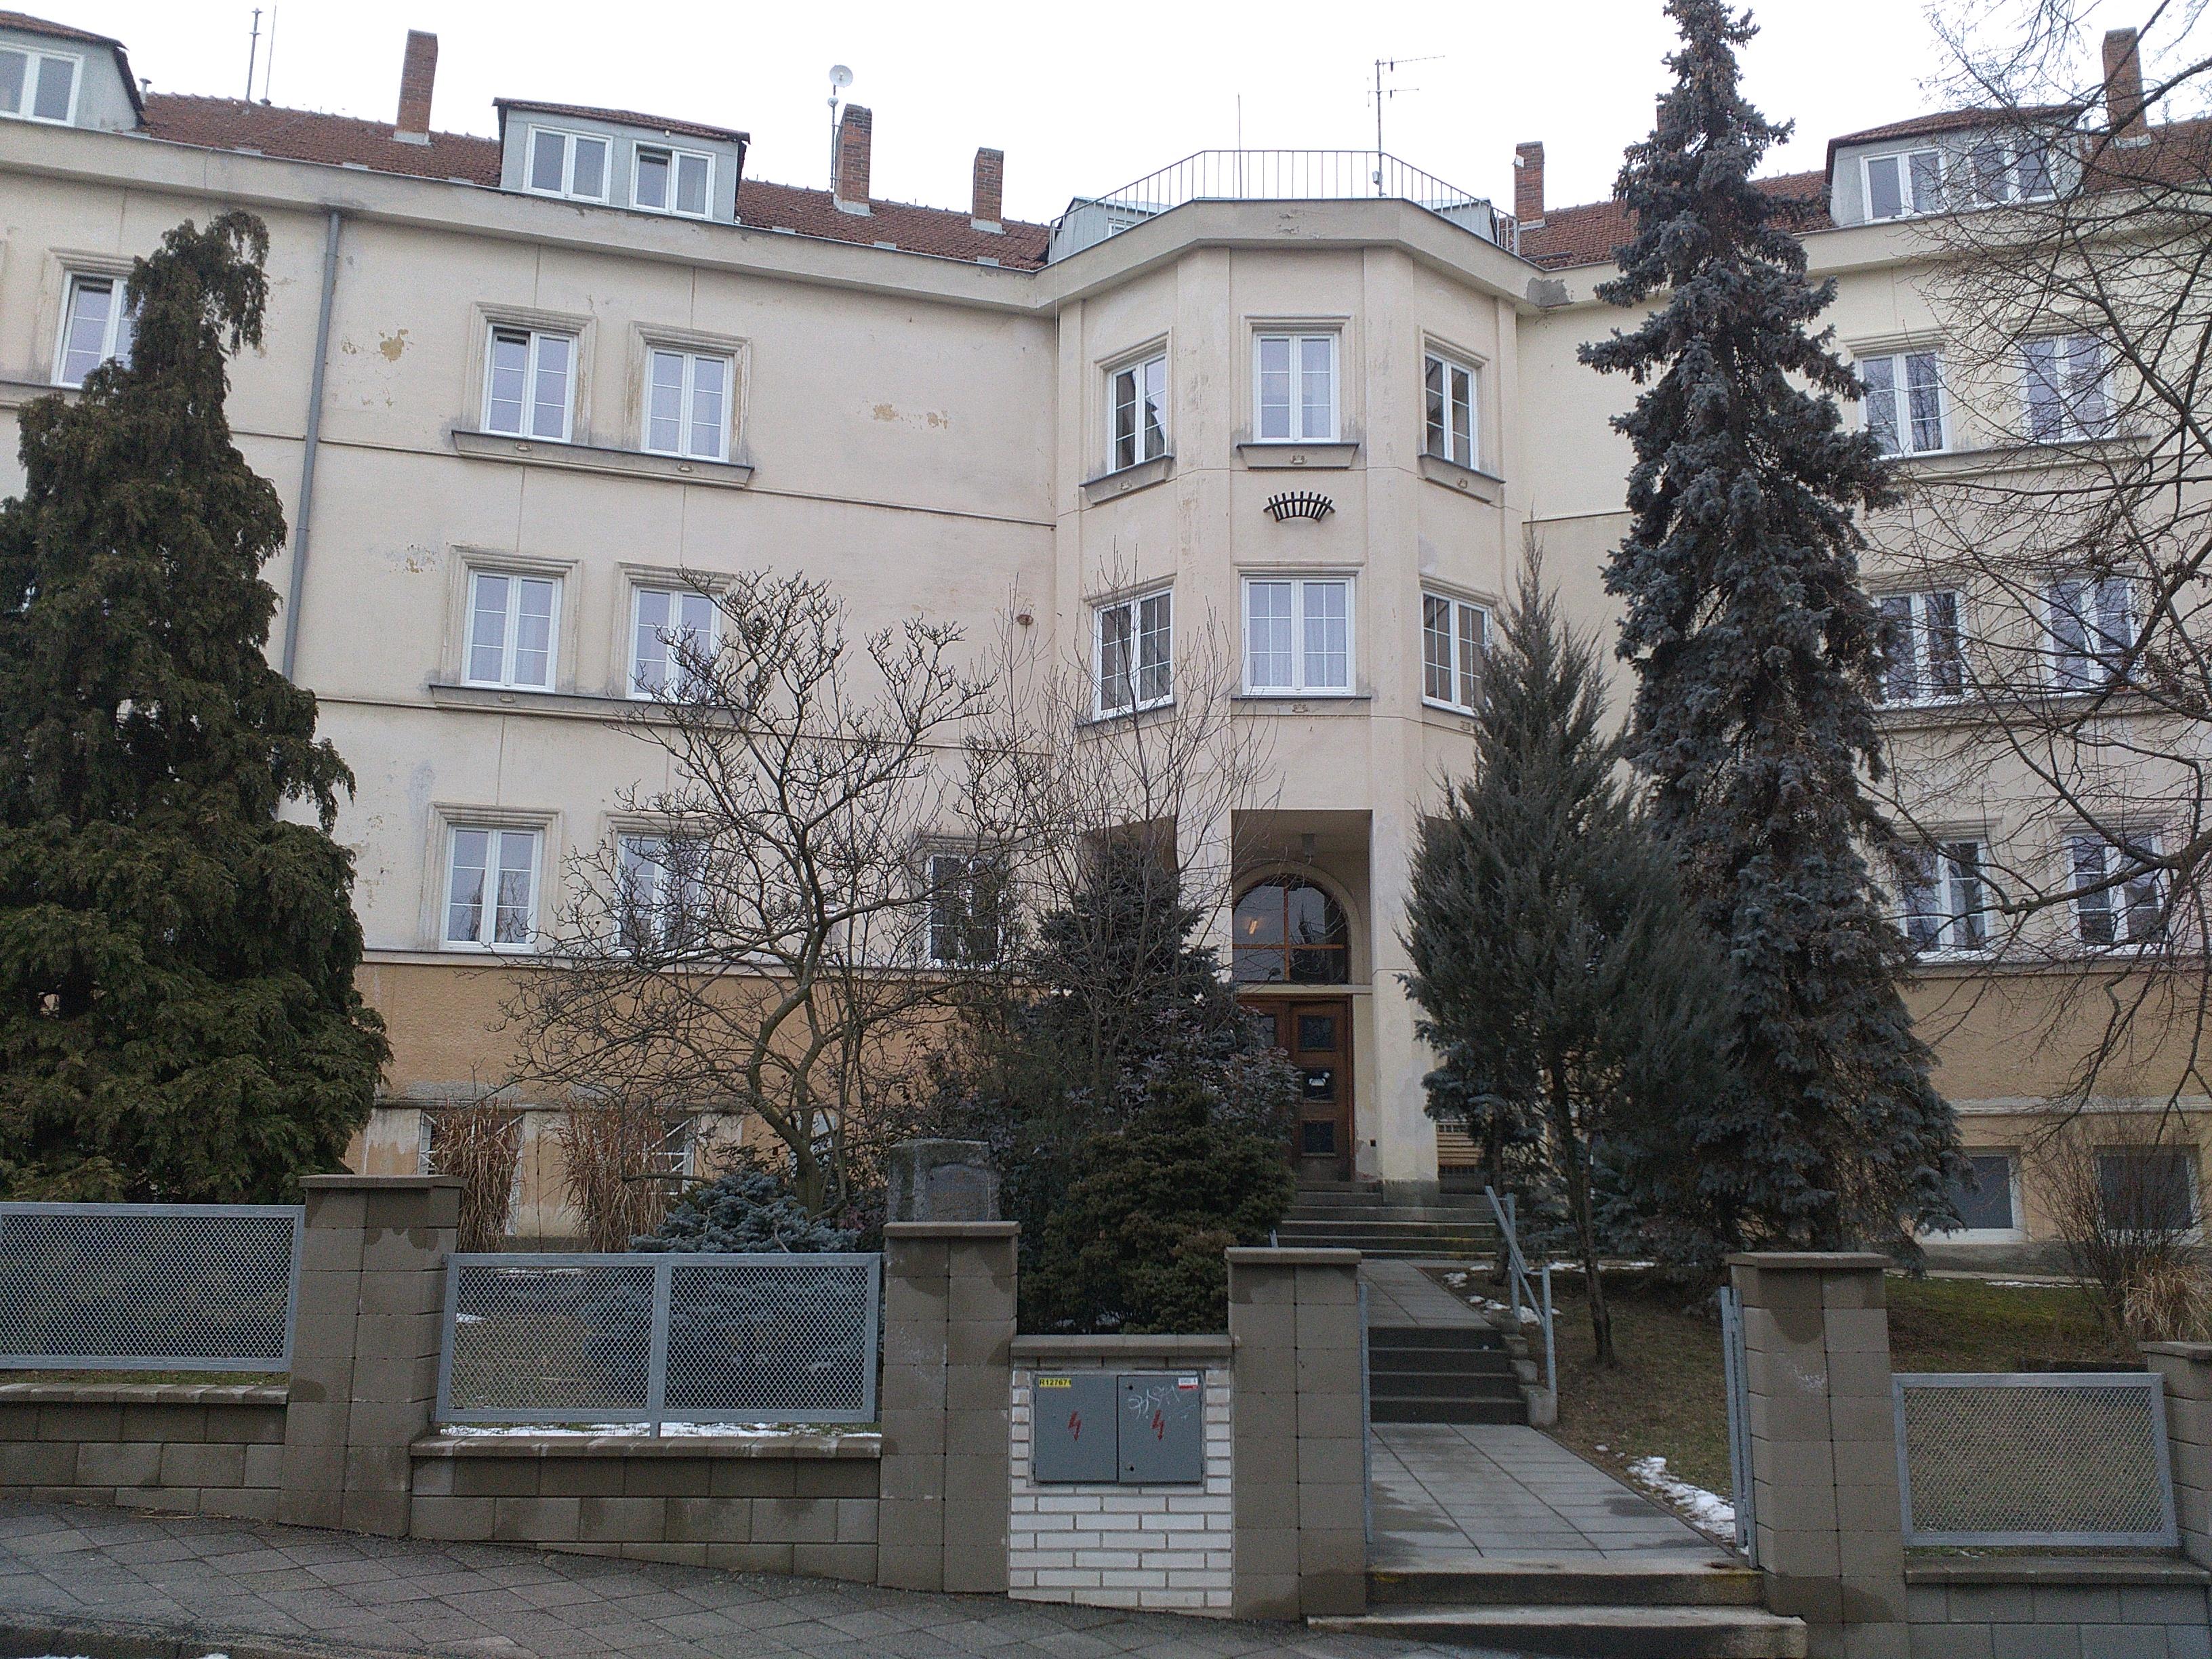 Koleje na Klácelově ulici ubytovávají takřka tři sta studentů.